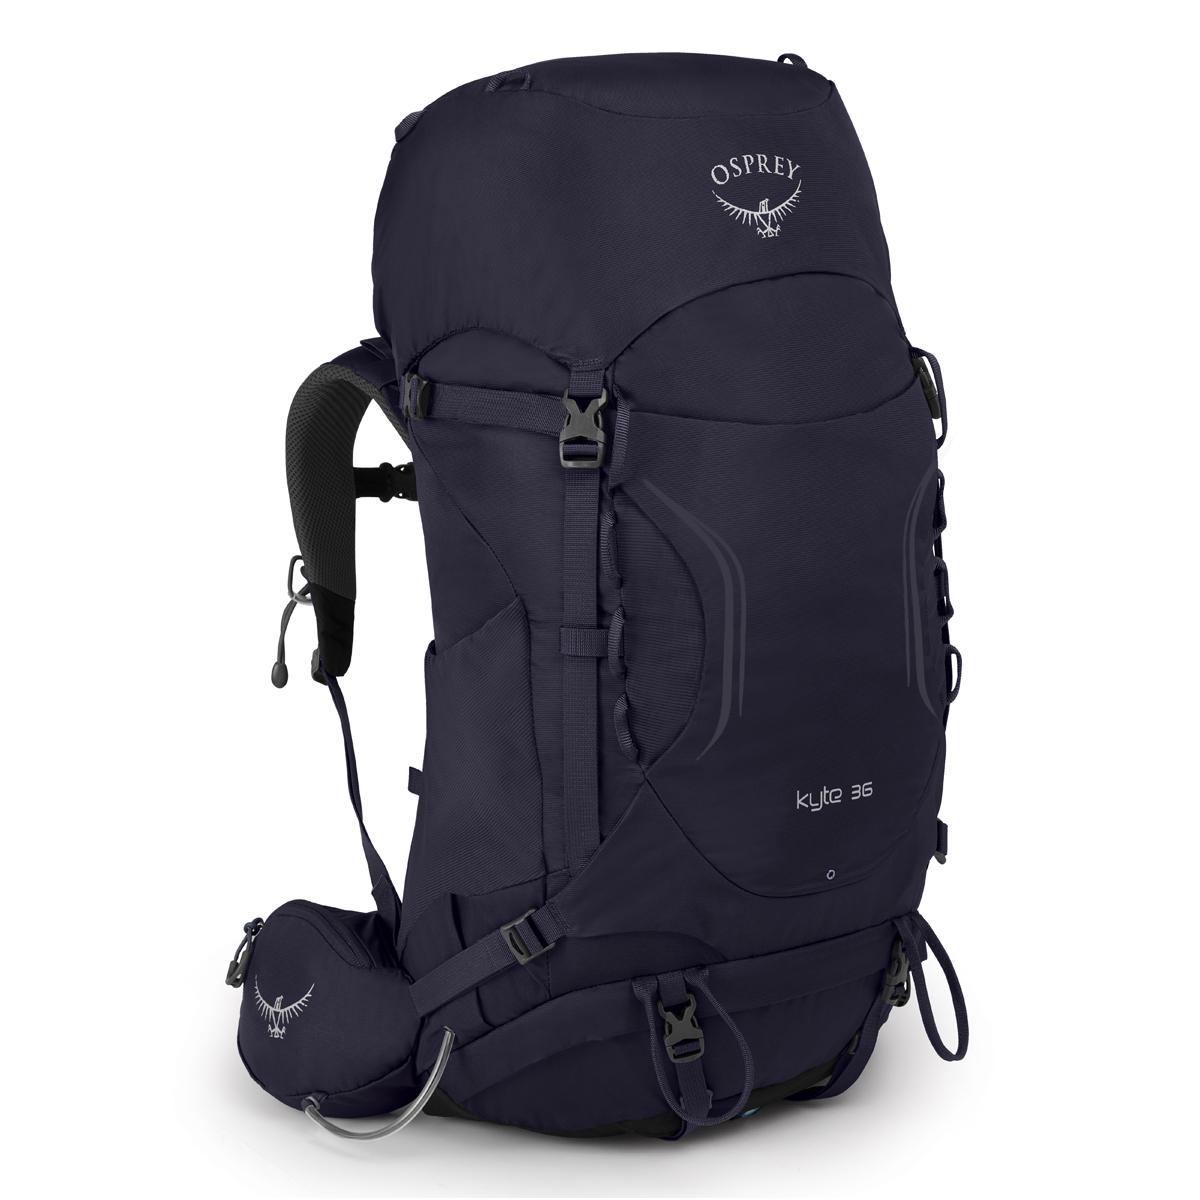 女性専用設計のショルダー ヒップベルトを採用したモデル OSPREY オスプレー 爆買い送料無料 カイト36 KYTE36 女性専用 36リットル ザック M ハイキング 山小屋泊 サイズS バックパック登山トレッキング お気に入